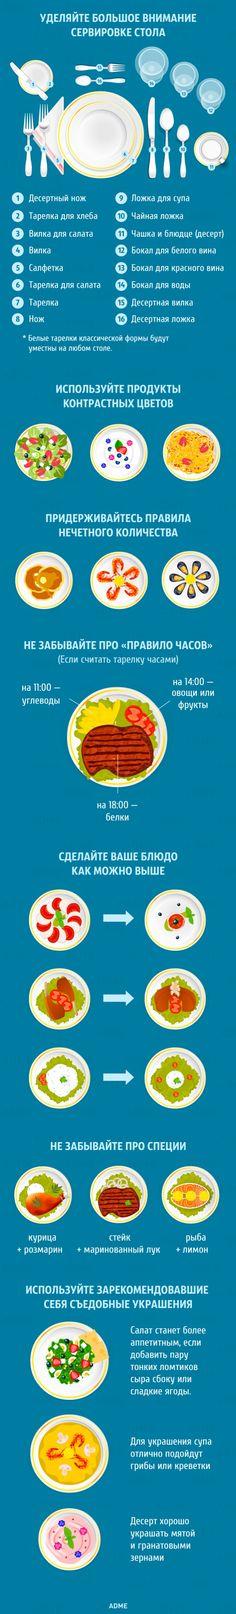 волшебный мир Ларисы : LiveInternet - Российский Сервис Онлайн-Дневников